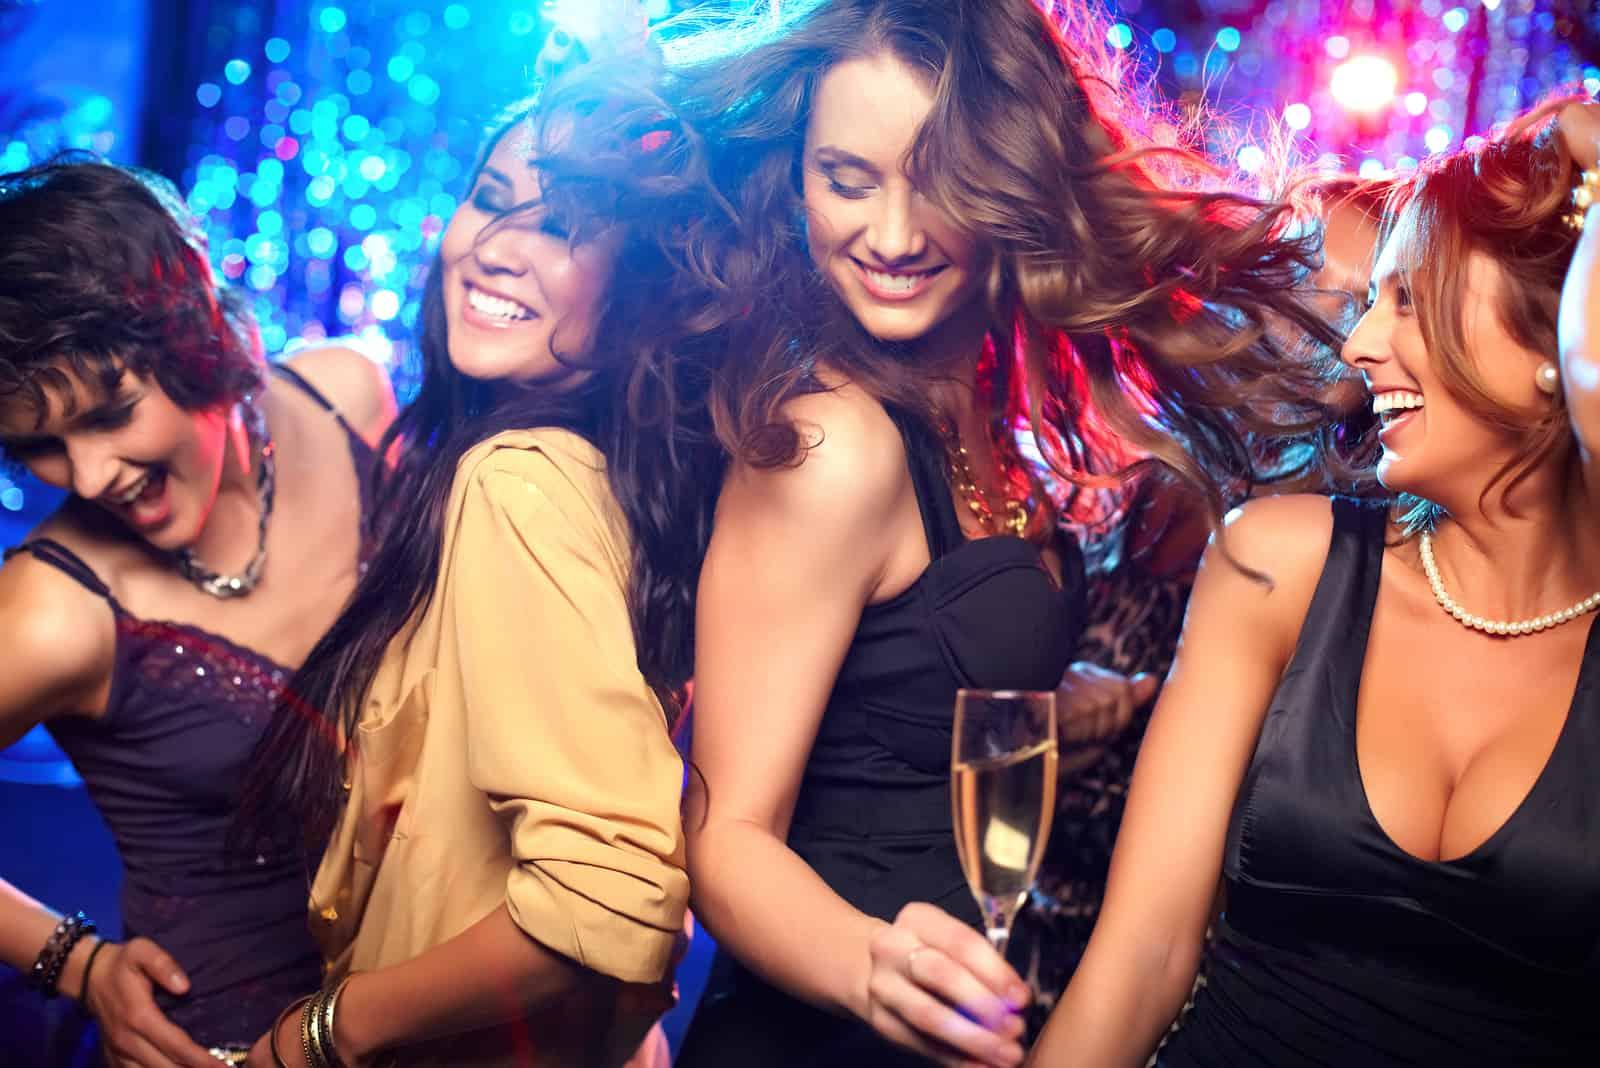 eine Frau in einem schwarzen Kleid tanzt mit Freunden